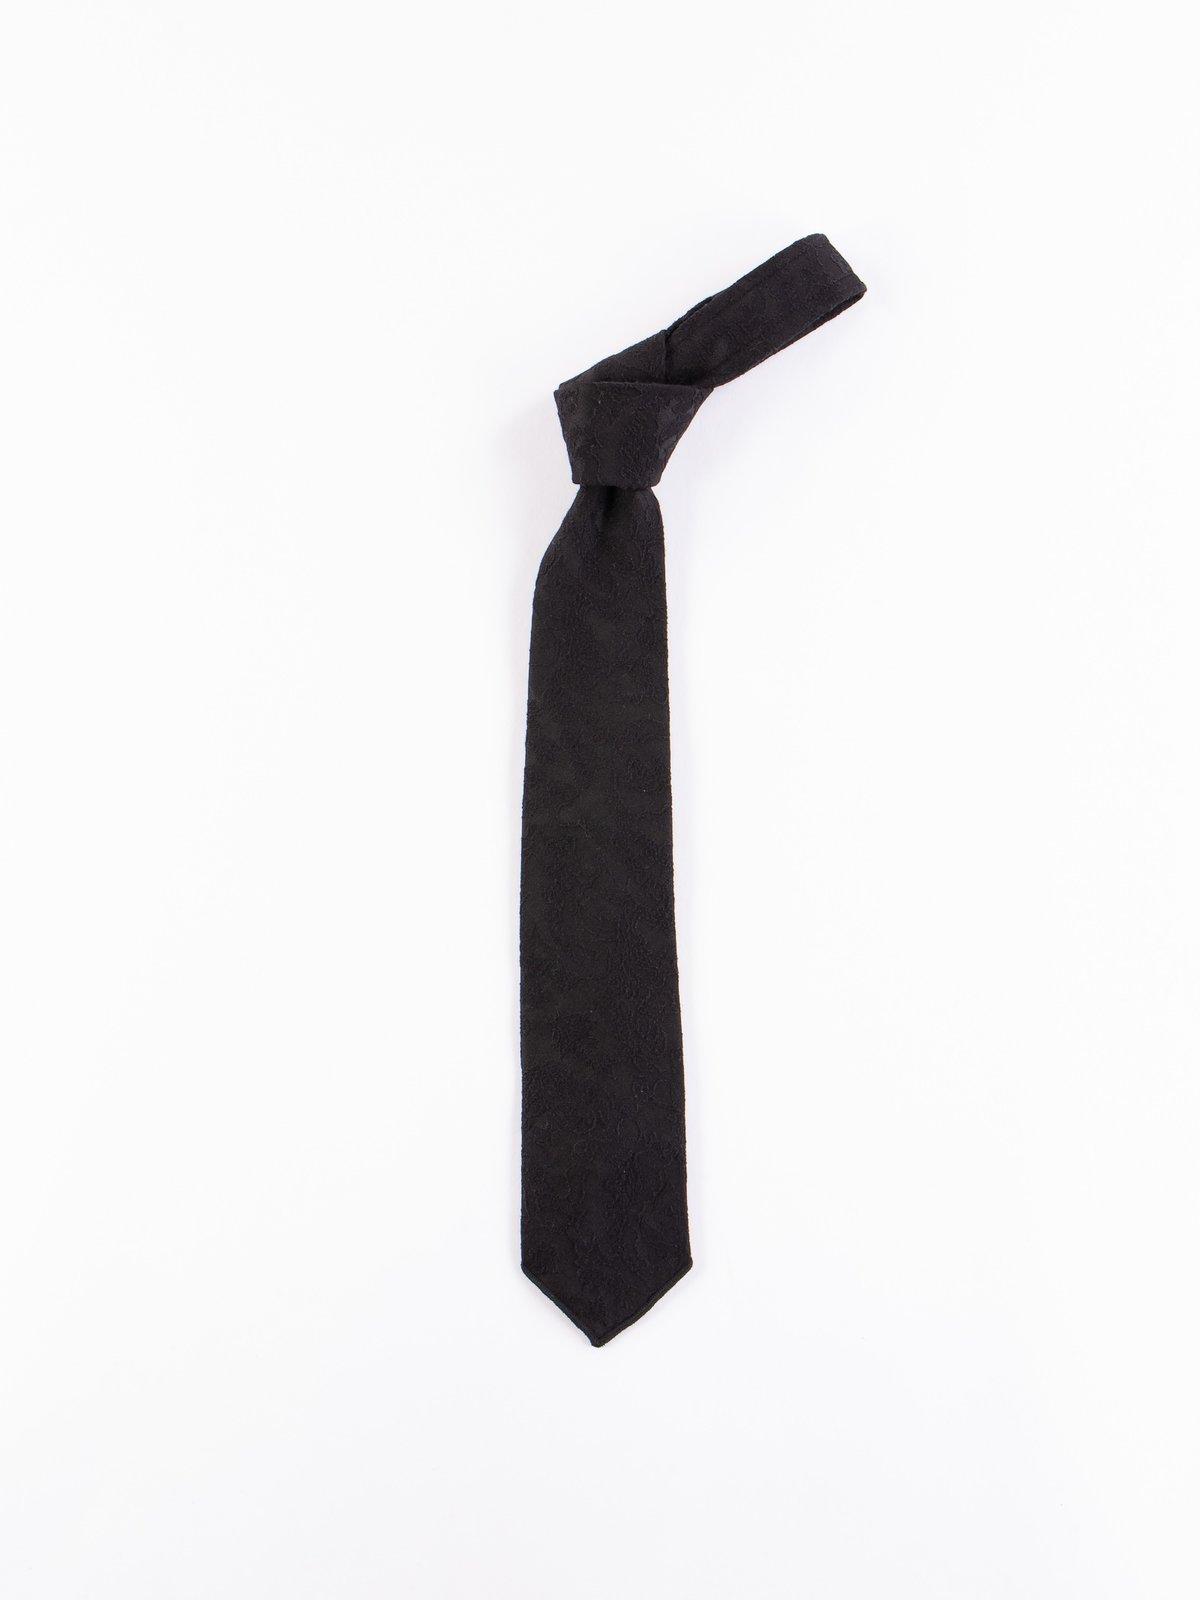 Black Big Paisley Jacquard Neck Tie - Image 1